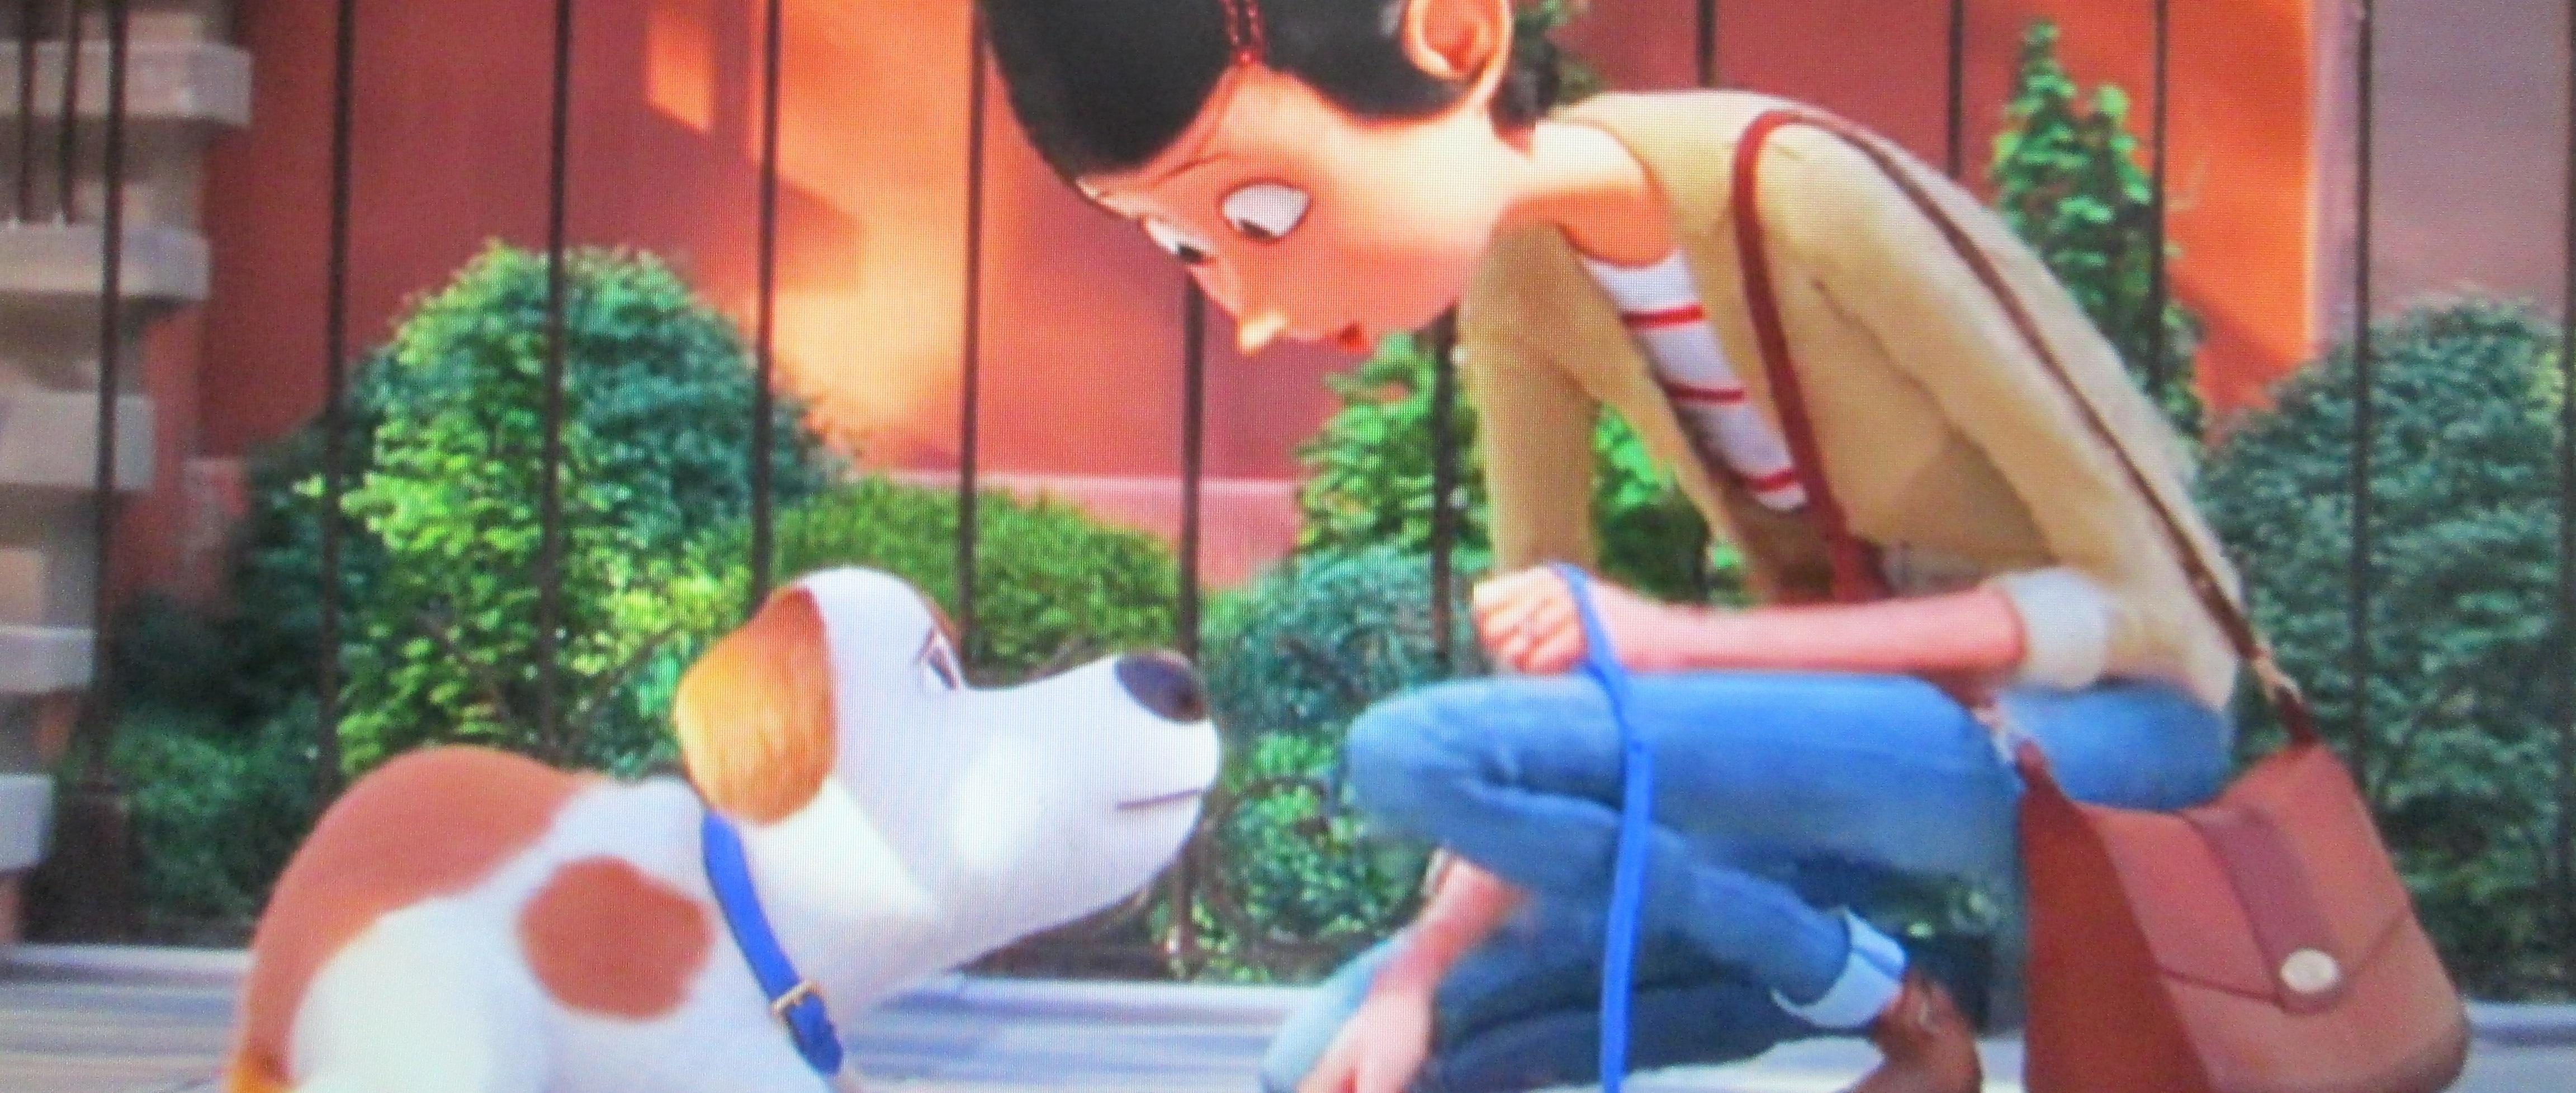 Pets 2 – Vita da animali: di nuovo al cinema Max e la sua banda